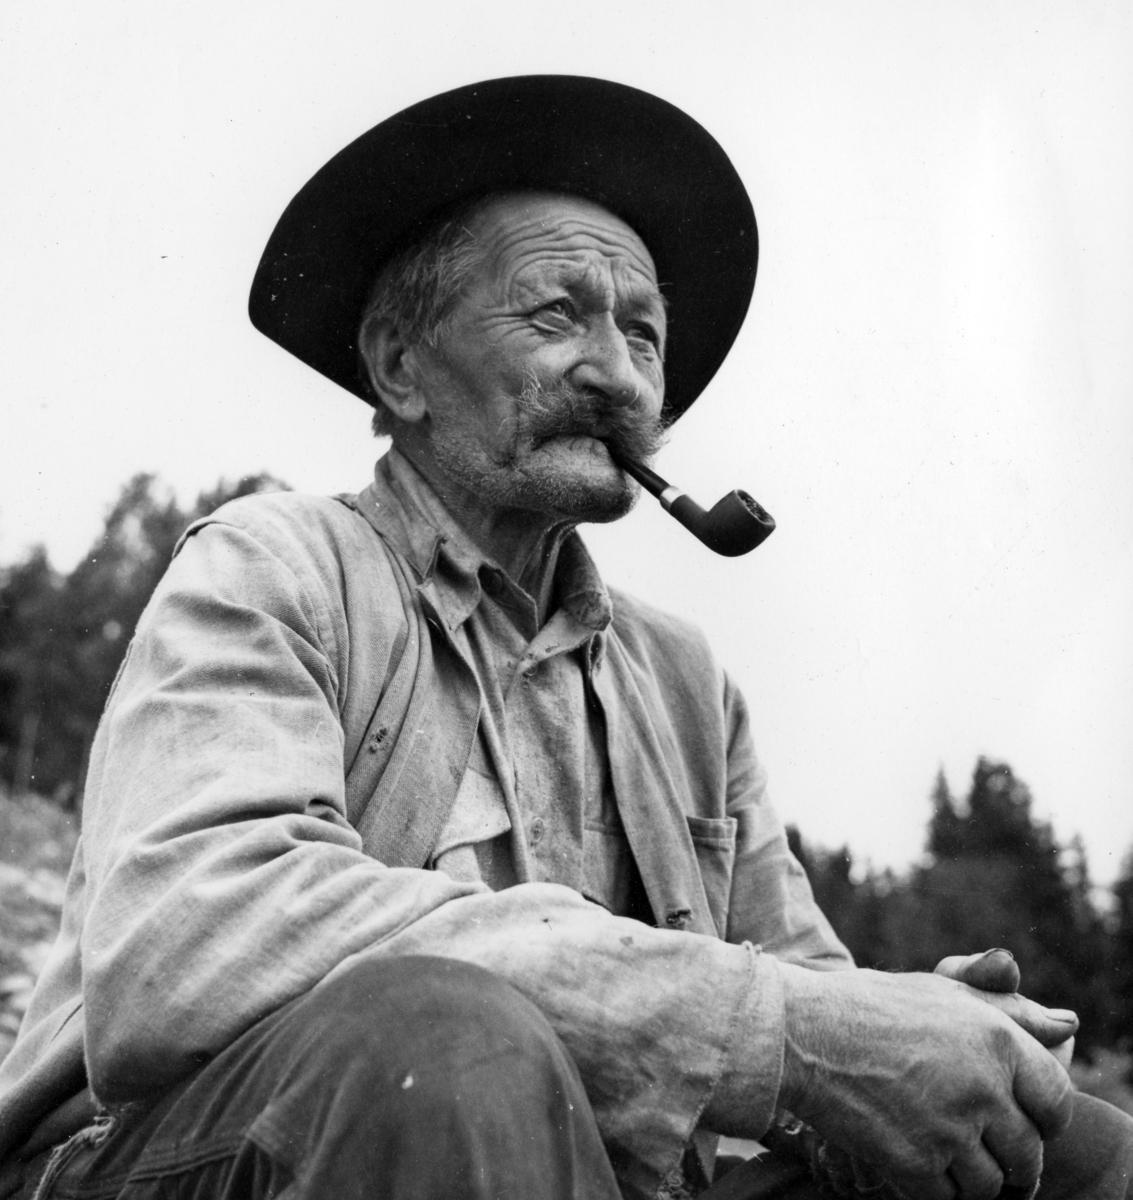 Otto Tyskeberget